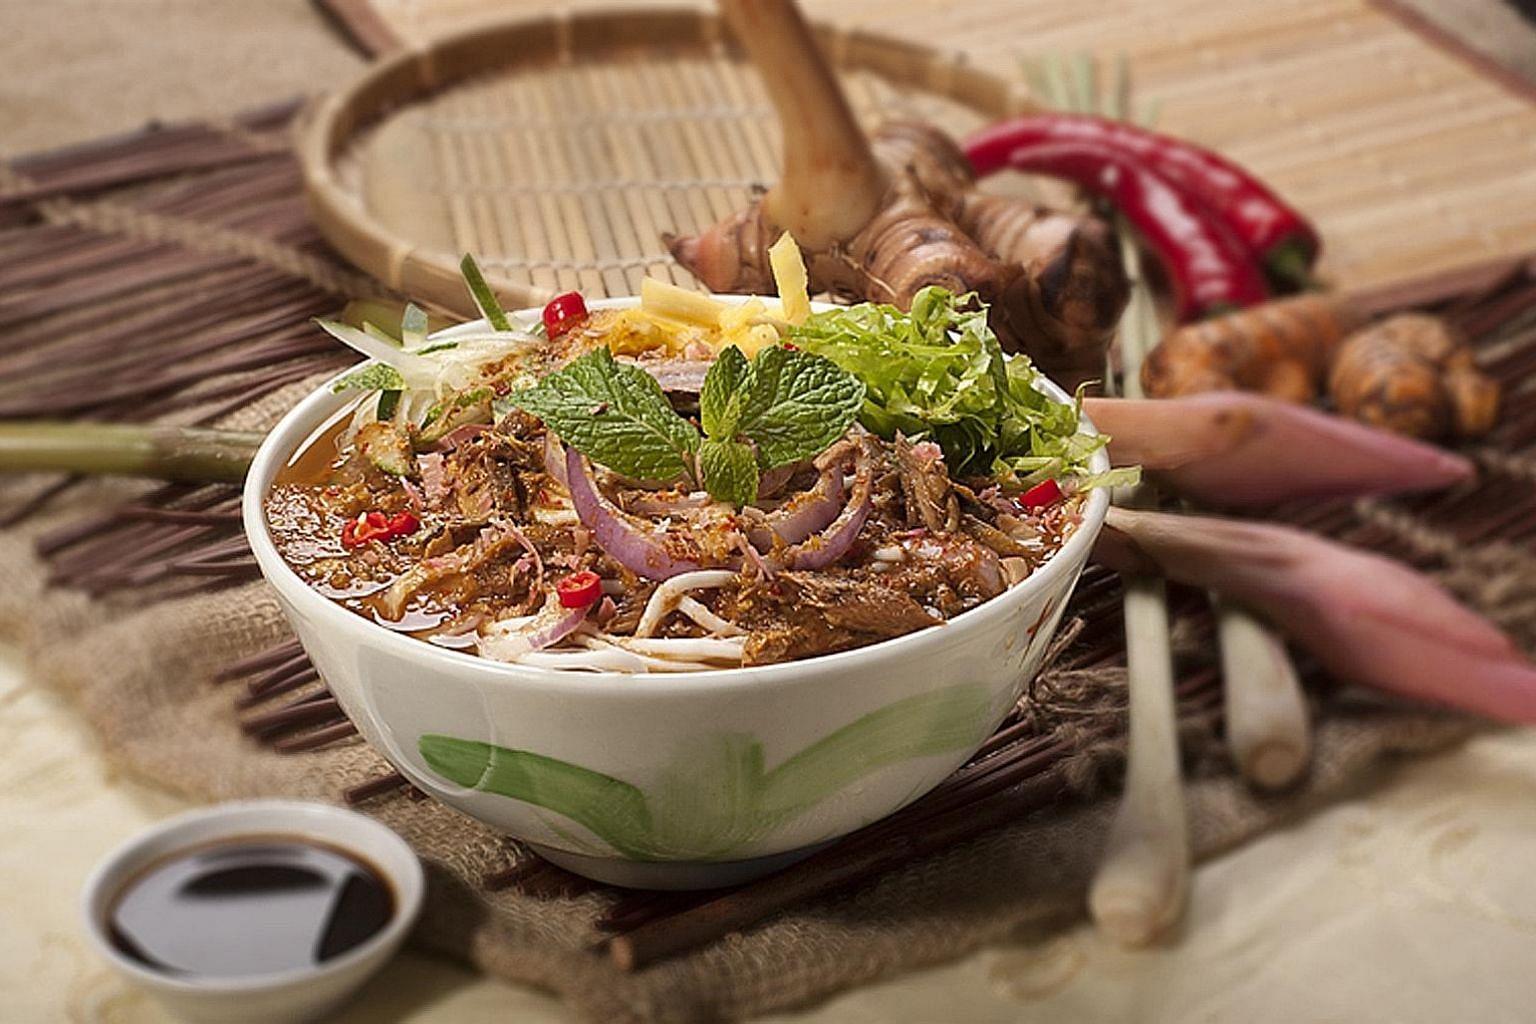 Island Penang Kitchen's assam laksa ($5).